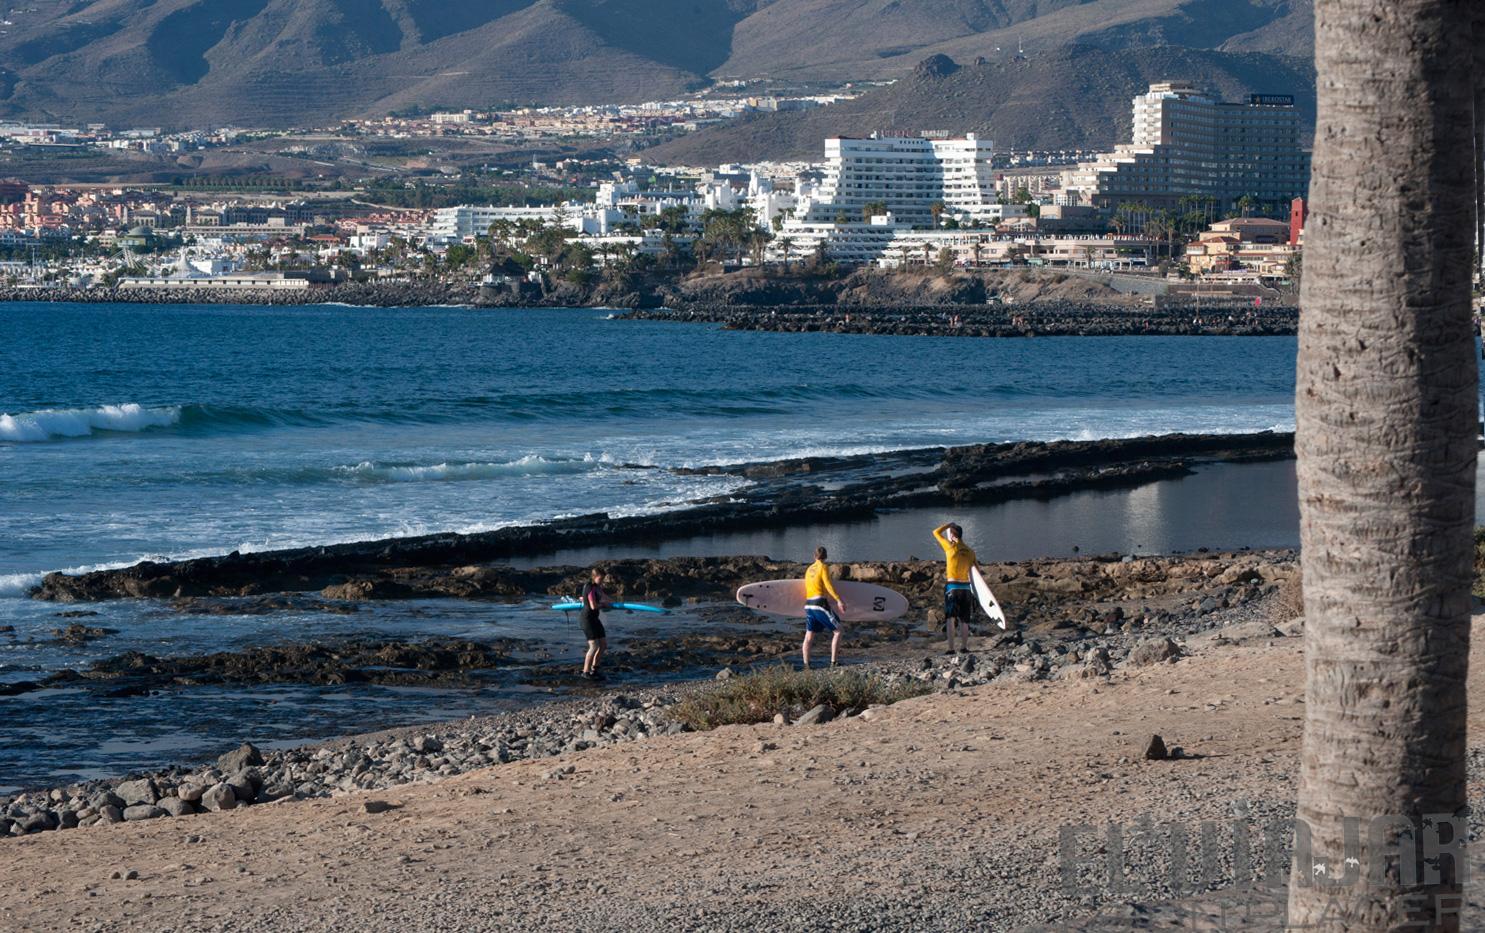 Dos surfistas se preparan para entrar al agua. ©El Viajar es un Placer